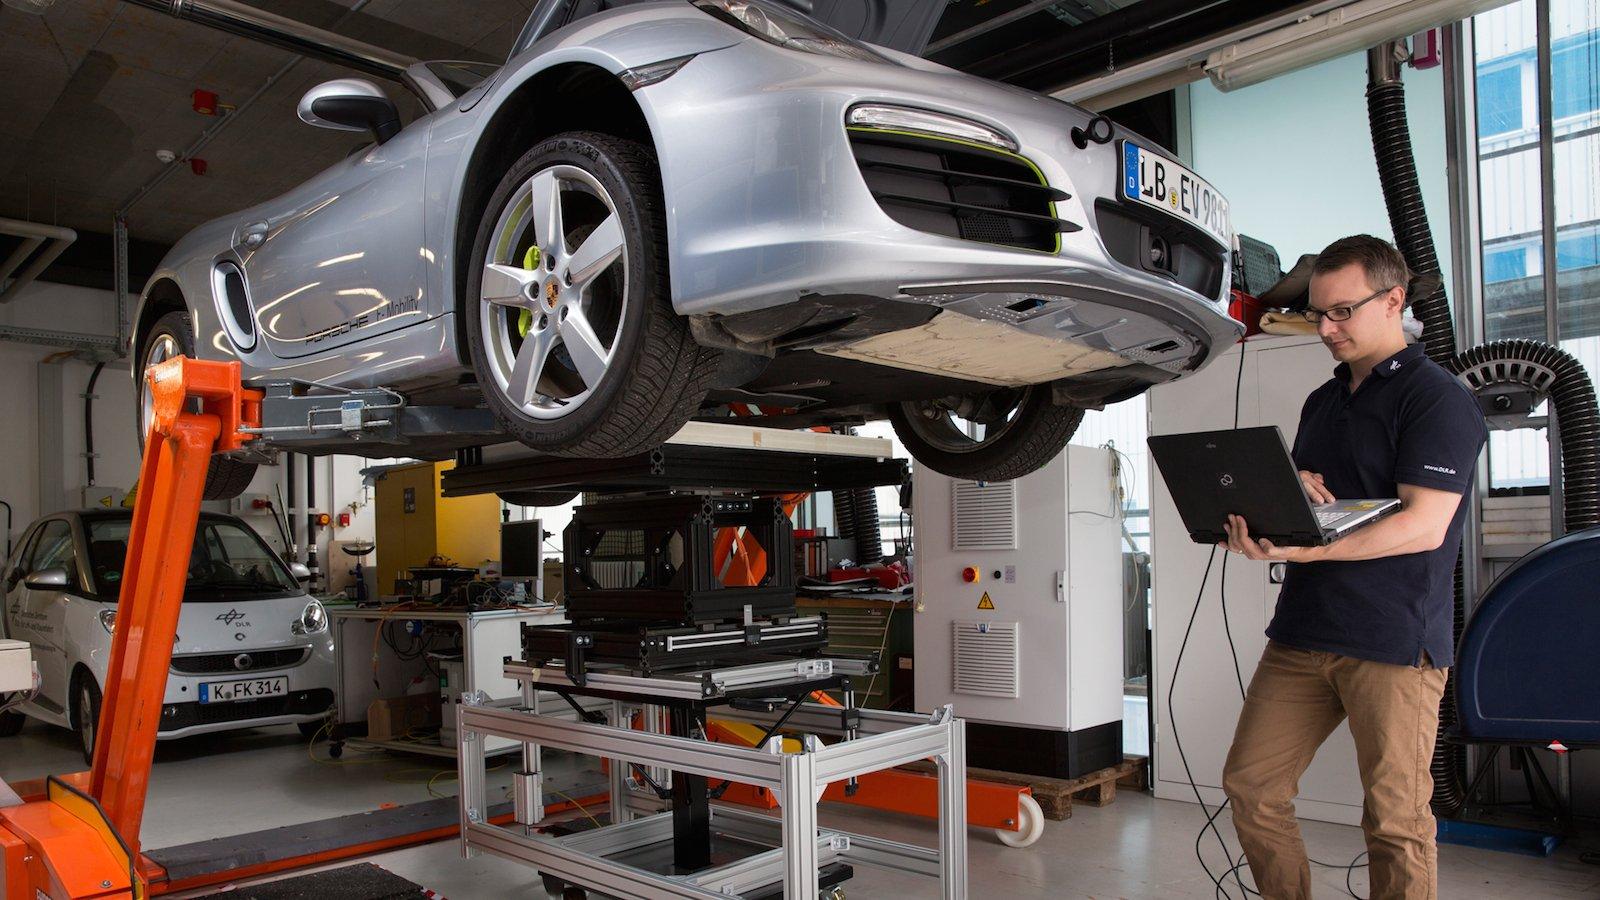 DLR-Forscher Bastian Mayer untersucht auf einem selbst entwickelten Teststand unterschiedliche Fehlstellungen beim Parken auf der Ladespule.